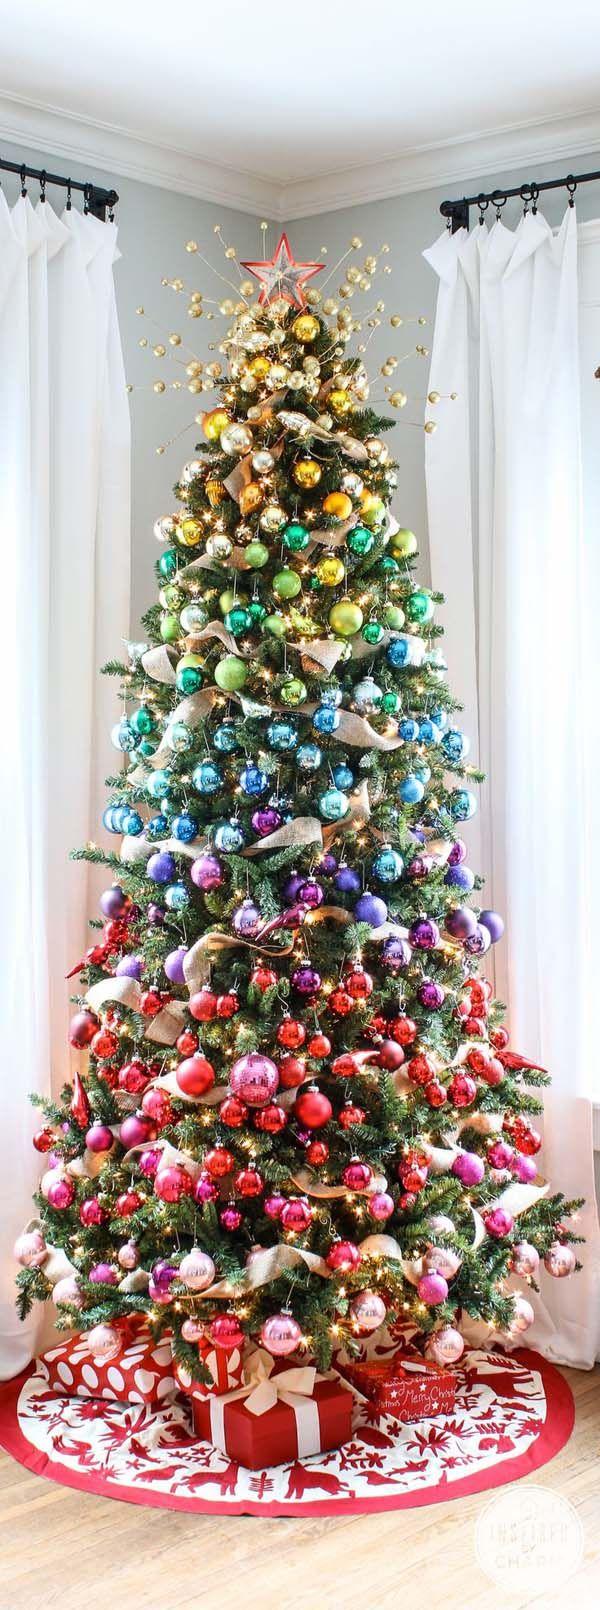 Decorate the christmas tree fa la la la - Christmas Tree Christmas Tree Decor Christmas Tree Themes Christmas Tree Ideas Whimsical Christmas Tree Barn Owl Christmas Tree Barn Christmas Tree